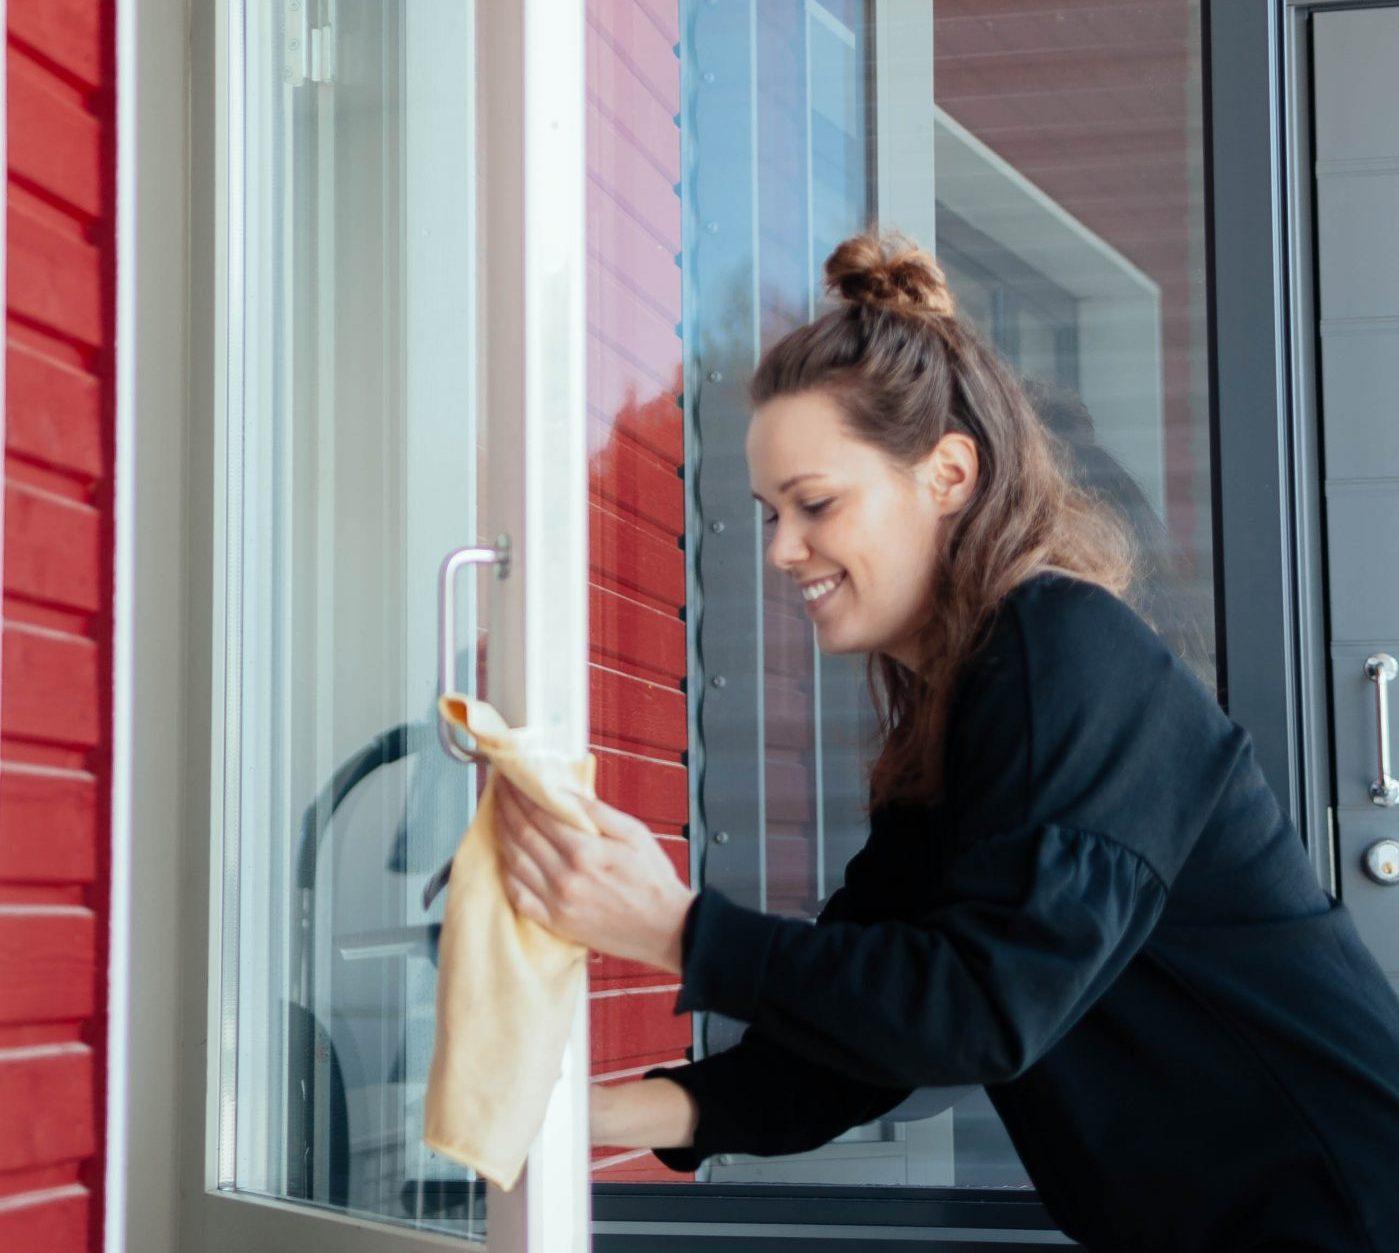 Ikkunanpesu, siivouspalvelu ja kotisiivous Oulusssa, Oulunsalossa ja Kempeleessä.